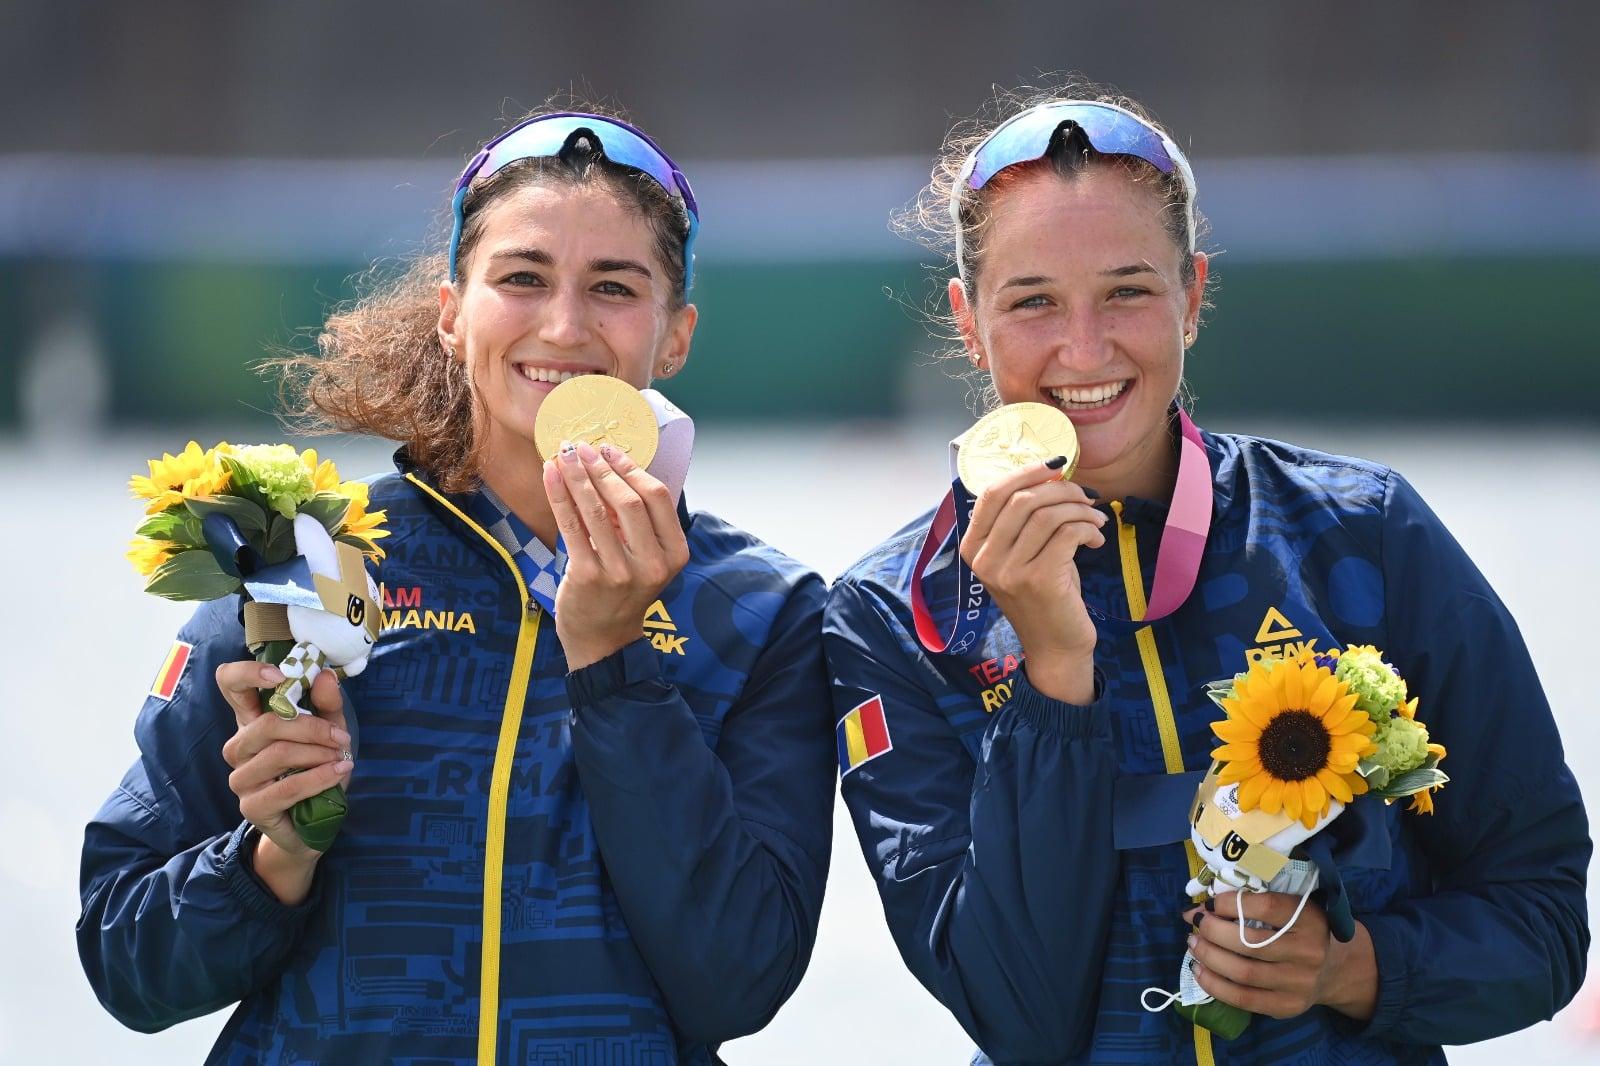 Mama campioanei olimpice Ancuţa Bodnar: Trăiam alături de ele de parcă trăgeam alături de ele. Pentru noi este o mândrie şi o onoare